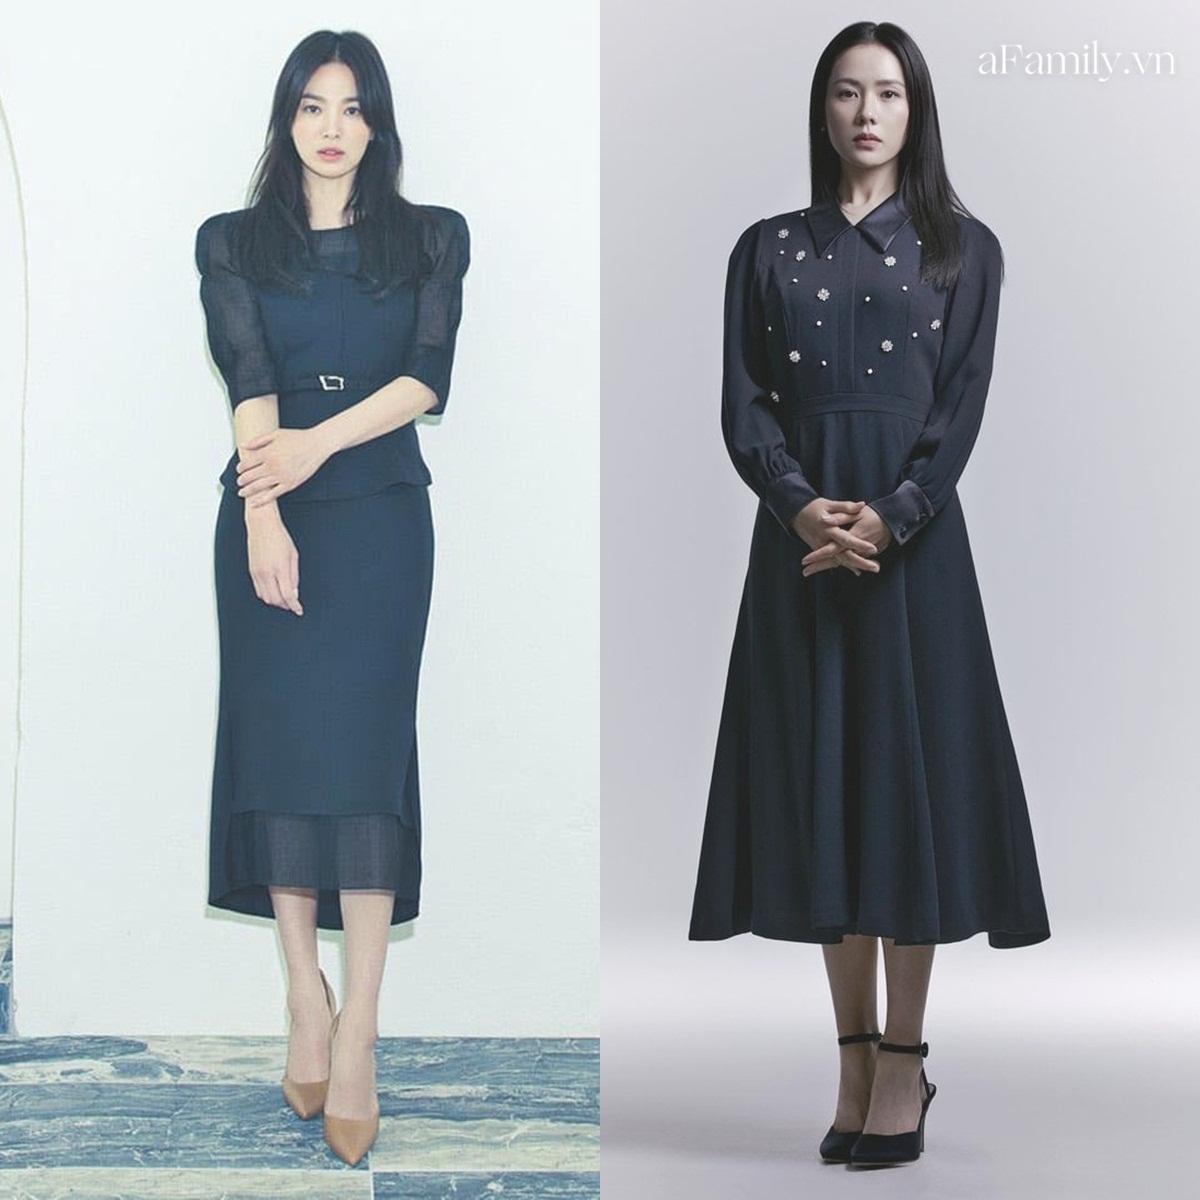 Song Hye Kyo Son Ye Jin làm mẫu đồ công sở Thu Đông - Ảnh 7.